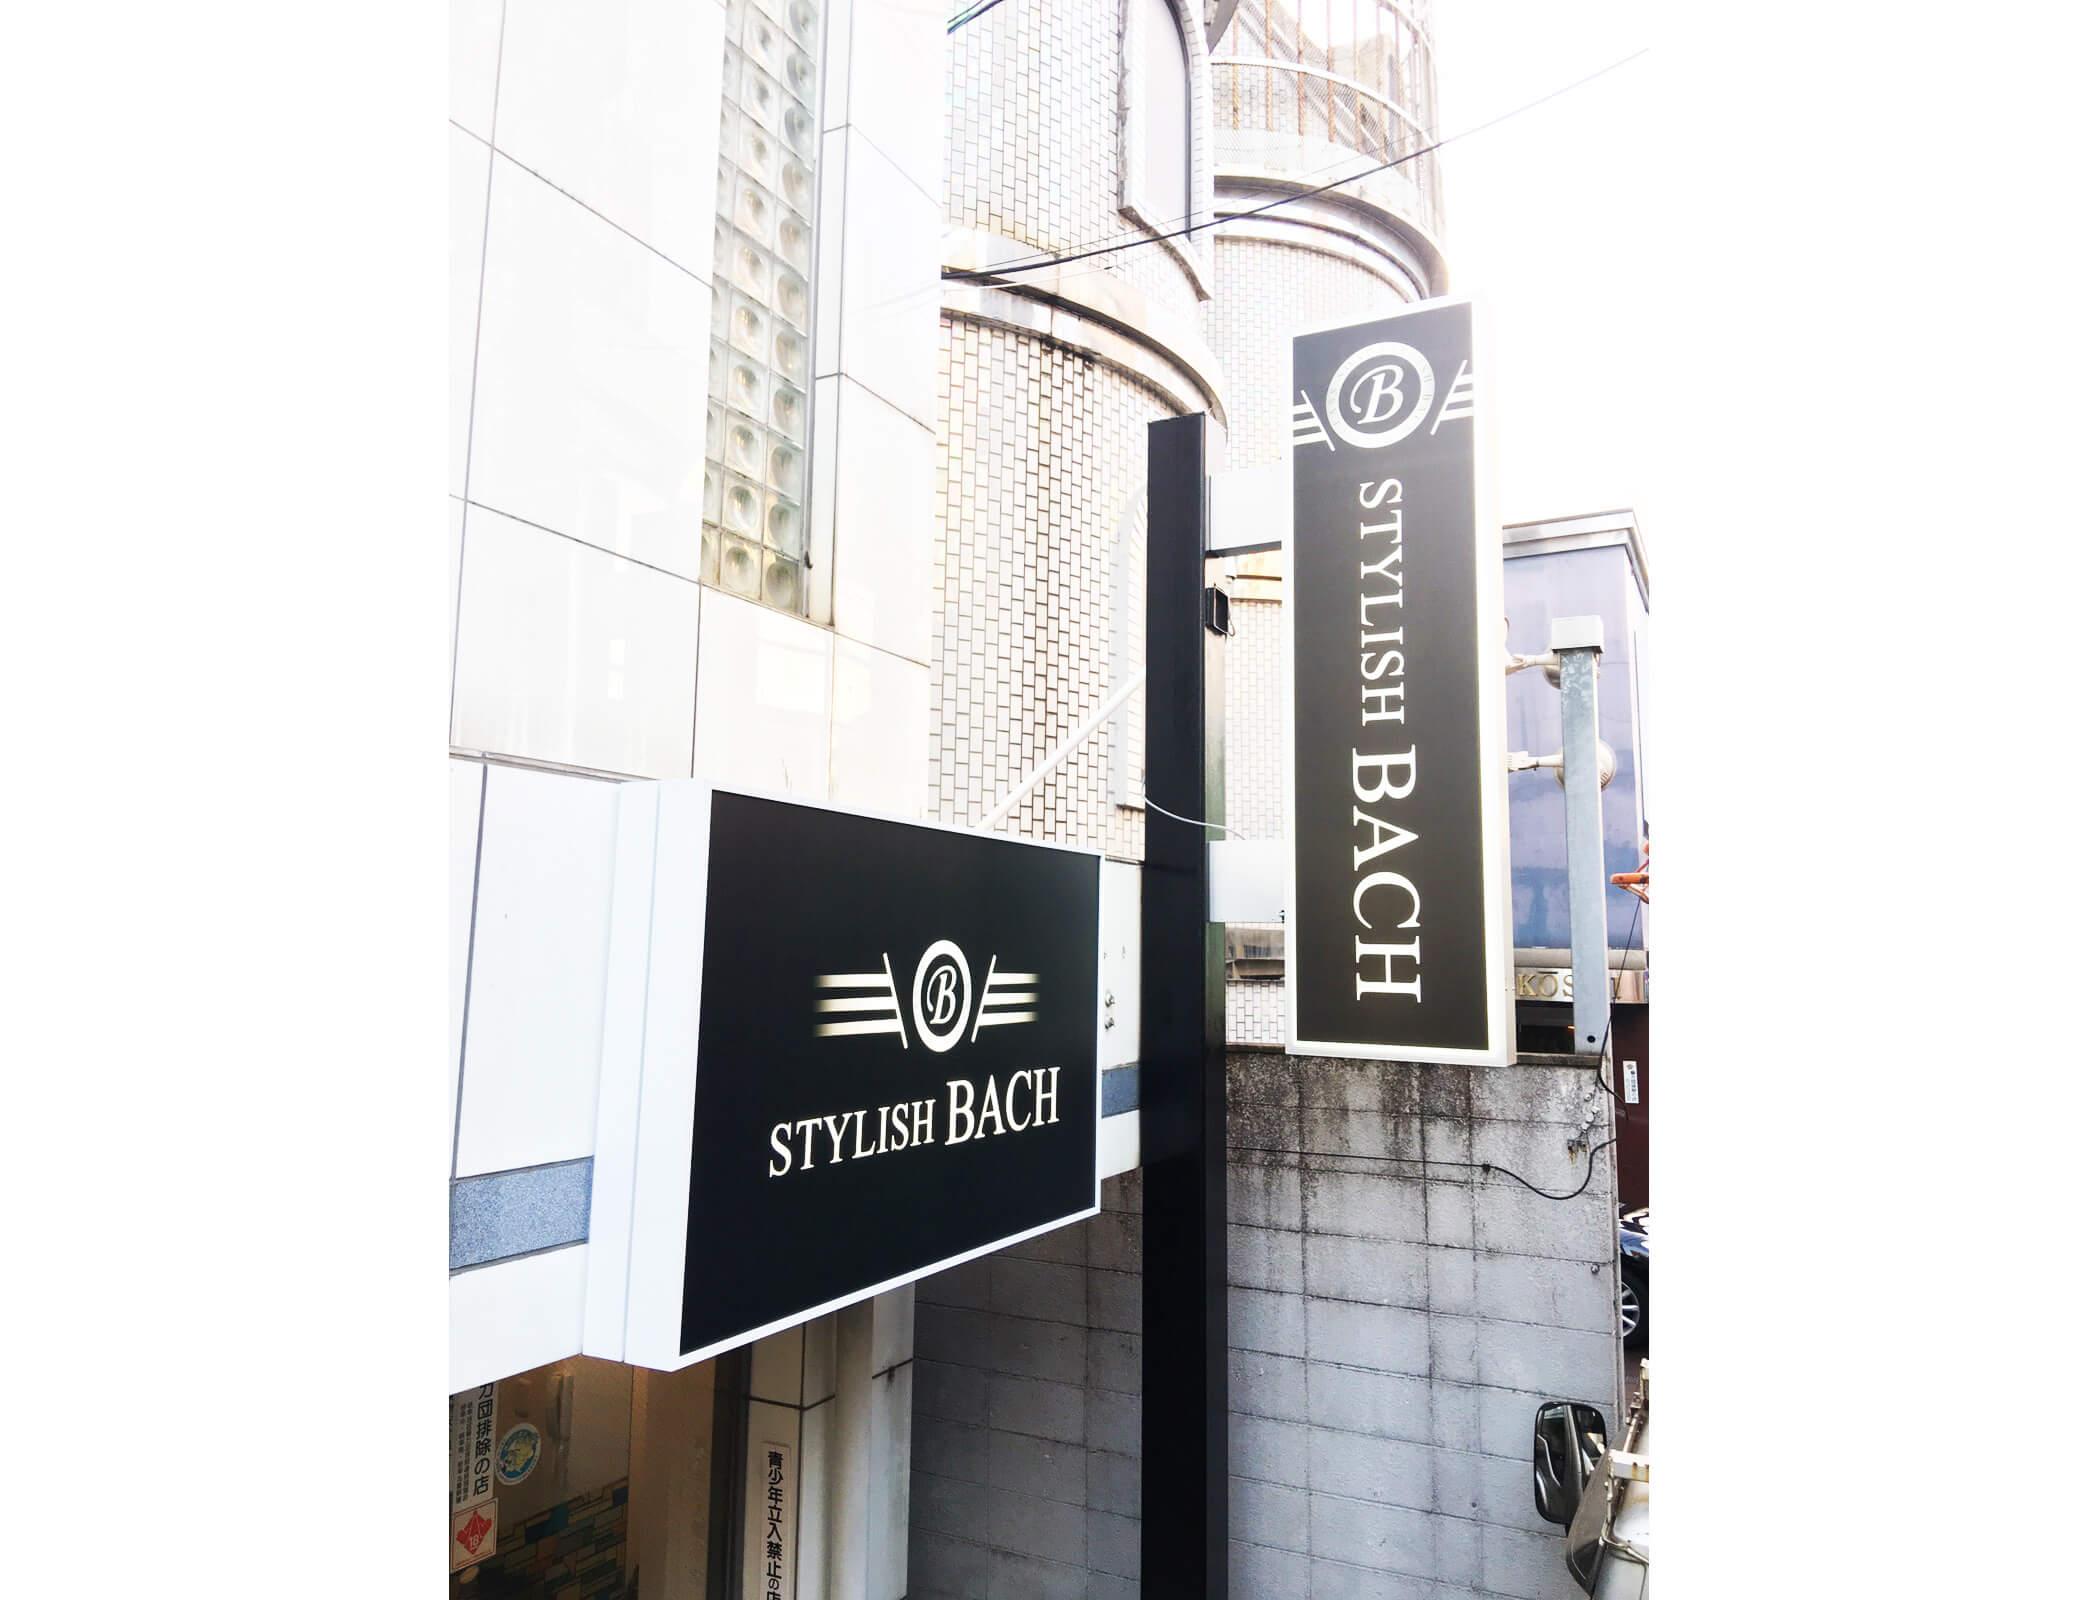 バッハ - 【岐阜県岐阜市】電飾フレックス(FFシート)を利用した店舗の看板施工を担当いたしました。